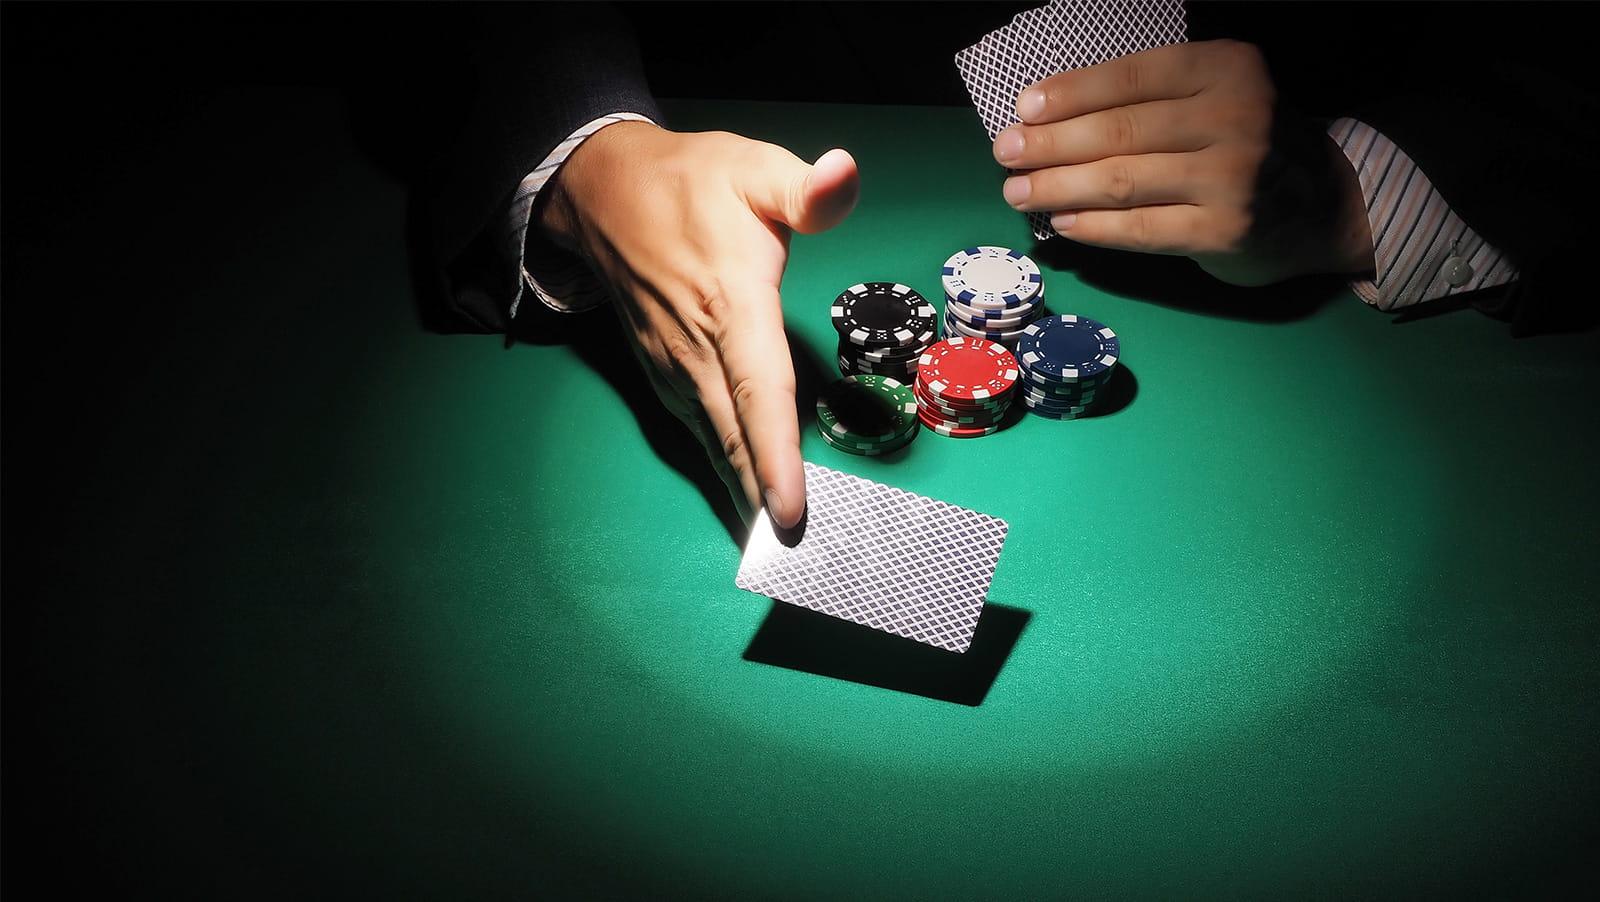 pokerstars-panggilan-untuk-aksi-sebagai-schwimmer-azaria-selebritas-lainnya-bermain-untuk-amal-min